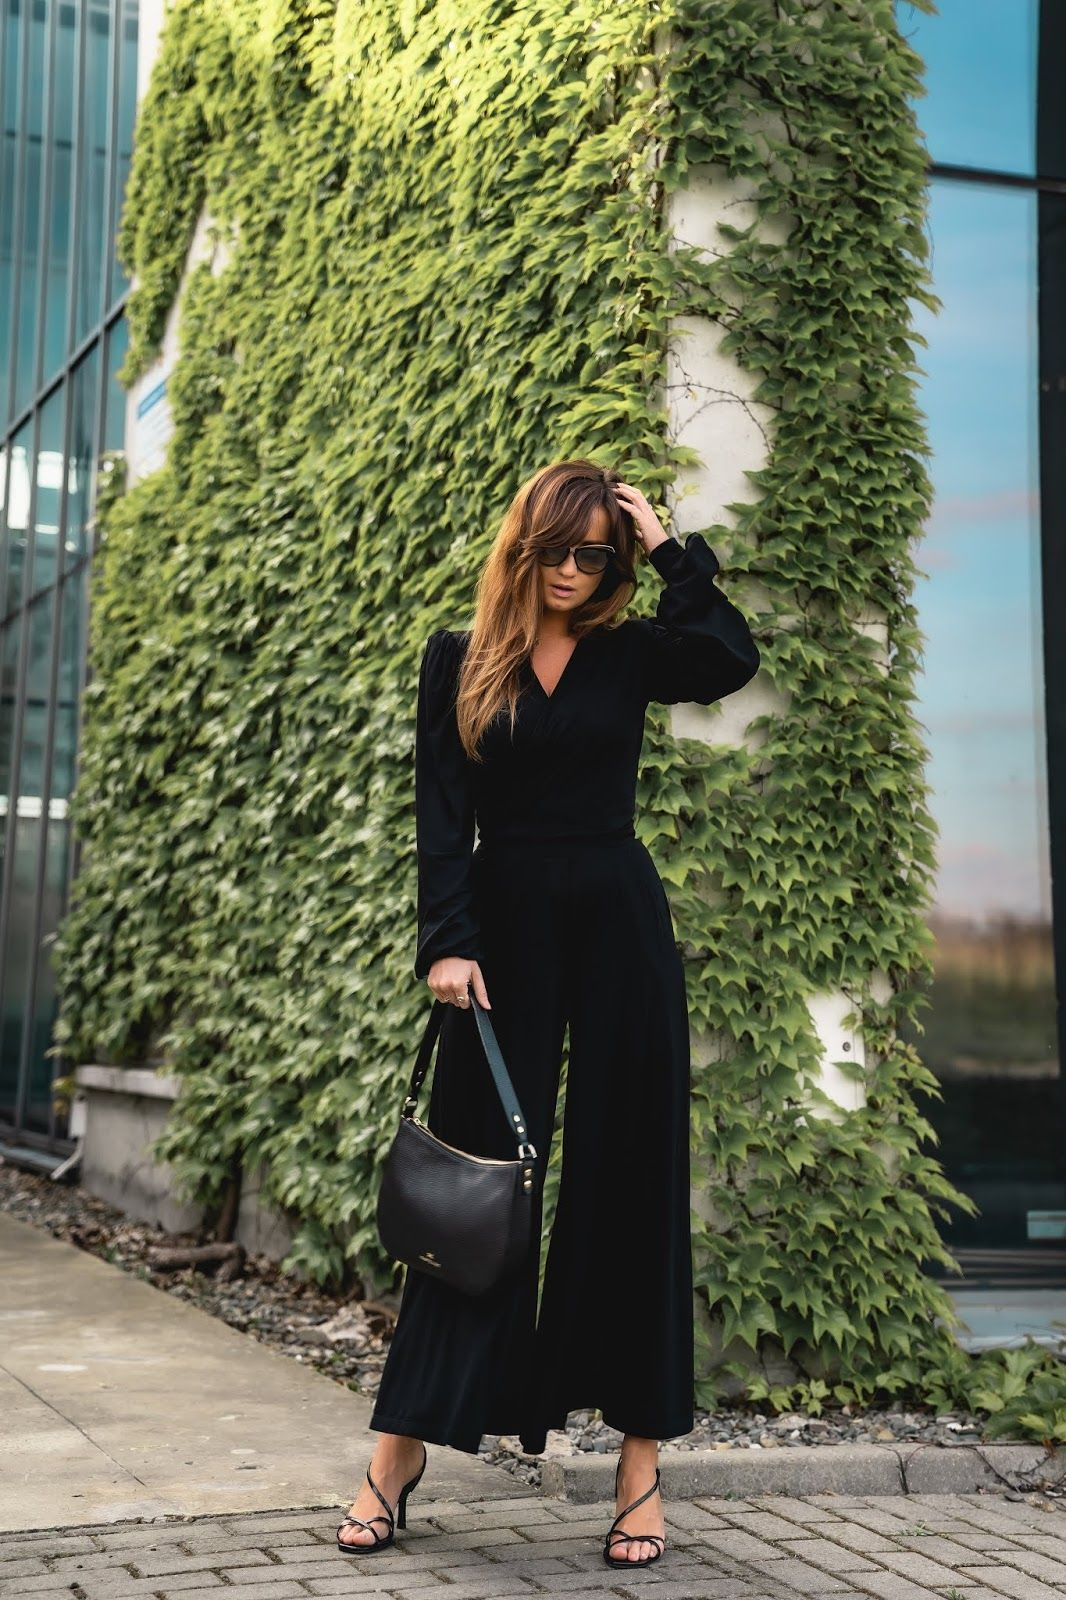 Kiedy Klasyczny Kobiecy Styl Idzie W Parze Z Wygoda Wiosenny Total Black Look Styloly Blog By Aleksandra Marze In 2020 Influencers Fashion Fashion Street Style